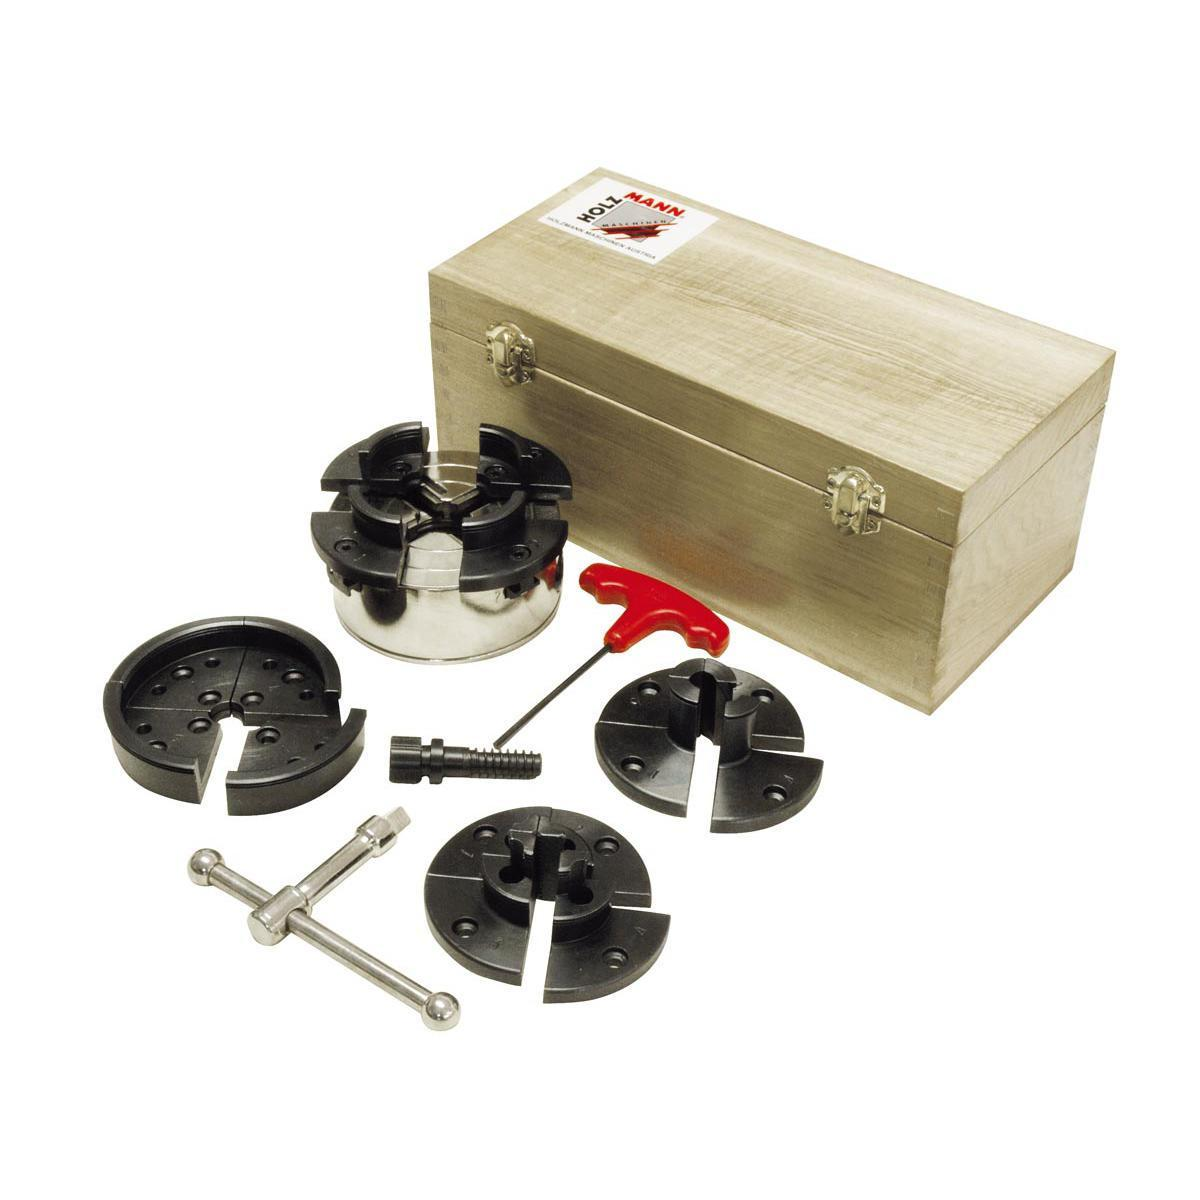 Основний комплект пристосувань для токарної обробки Holzmann DP95